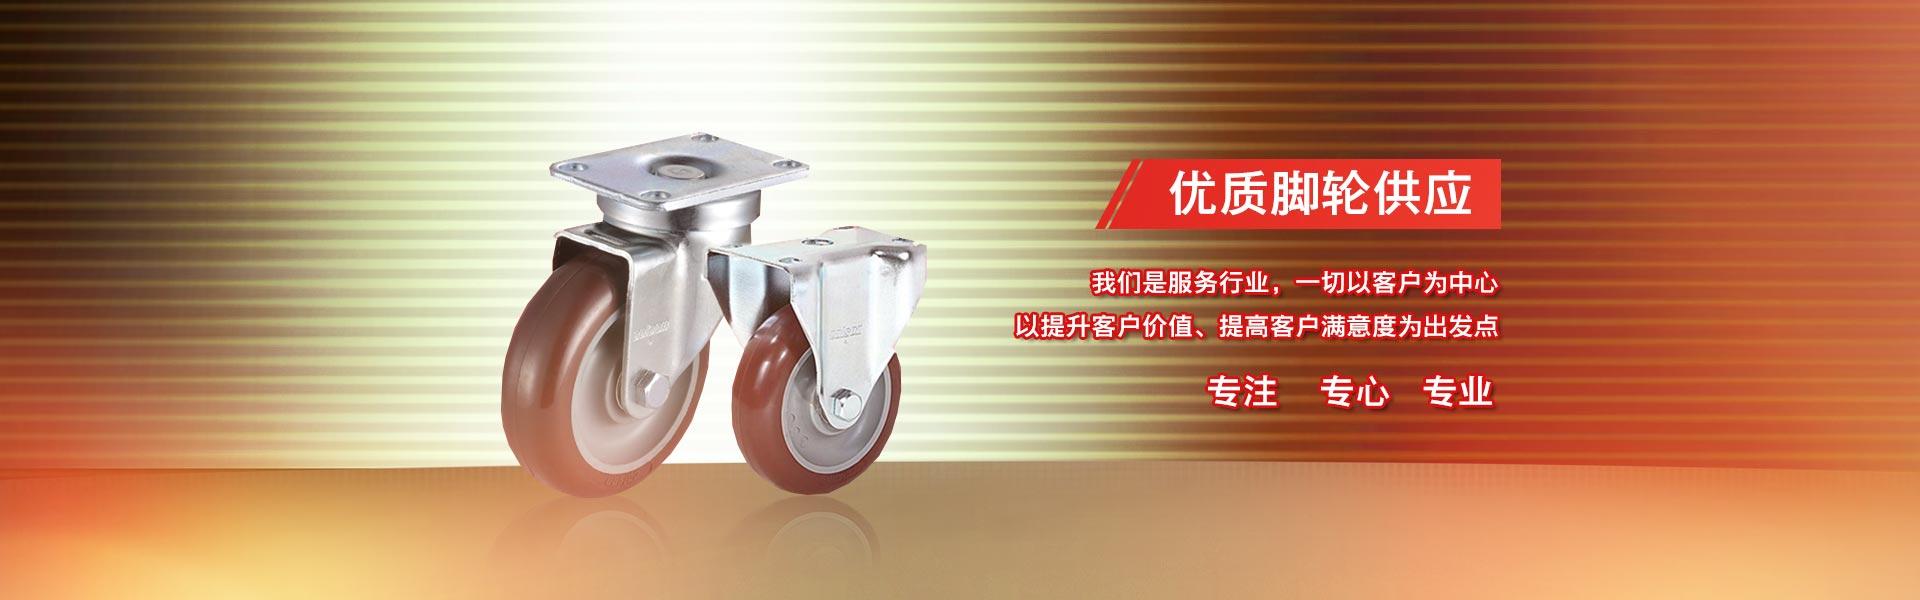 重庆工业脚轮